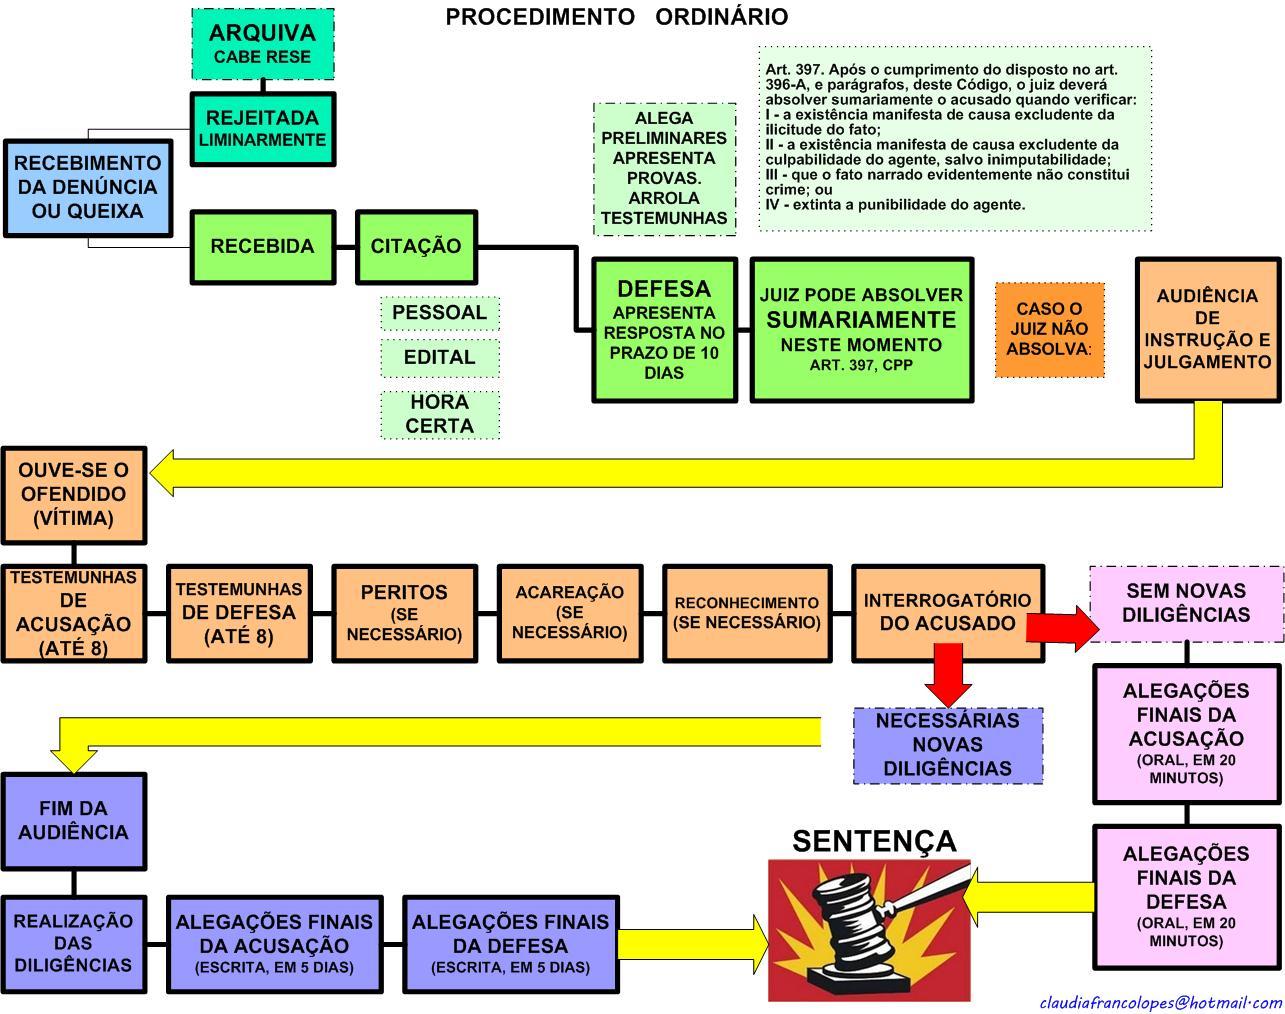 Dissolução de sociedade aspectos materiais e processuais 3